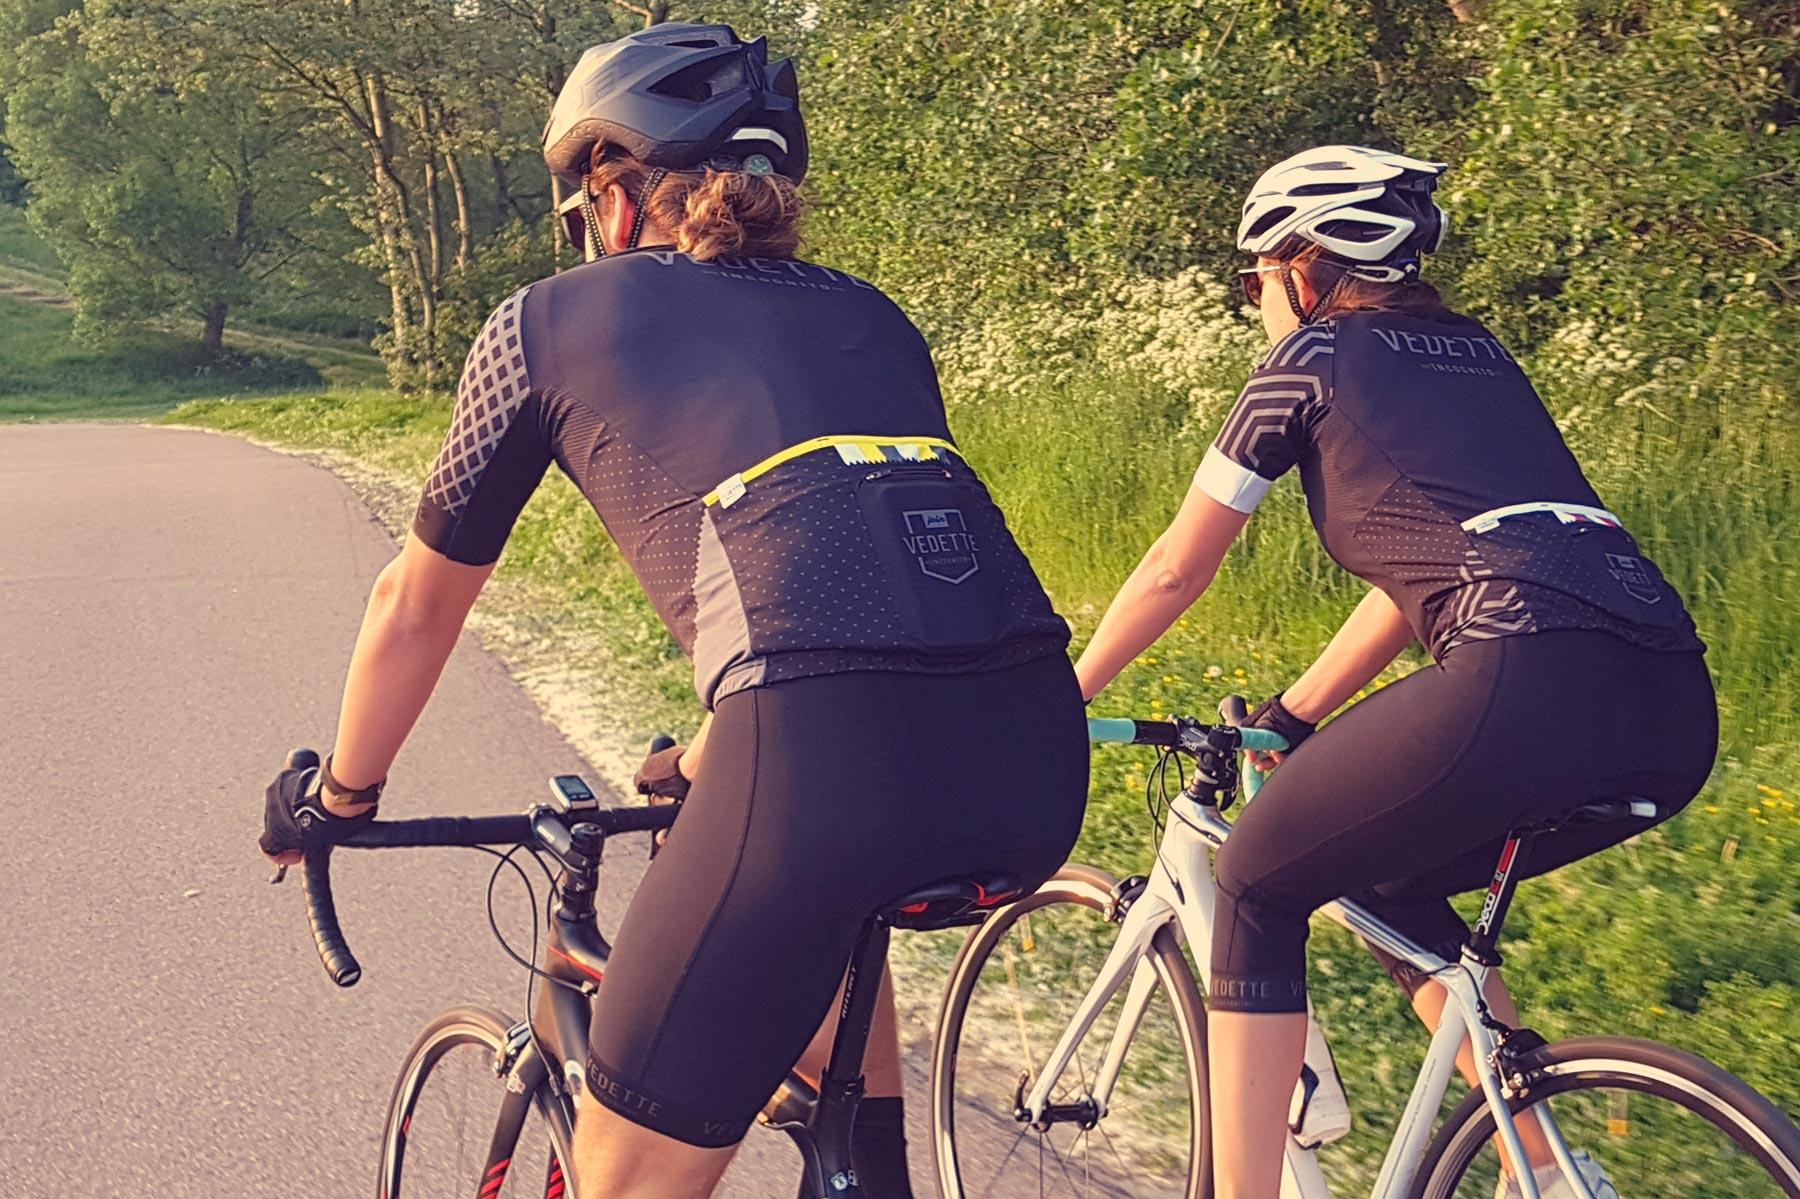 vedette-incognito fietskleding